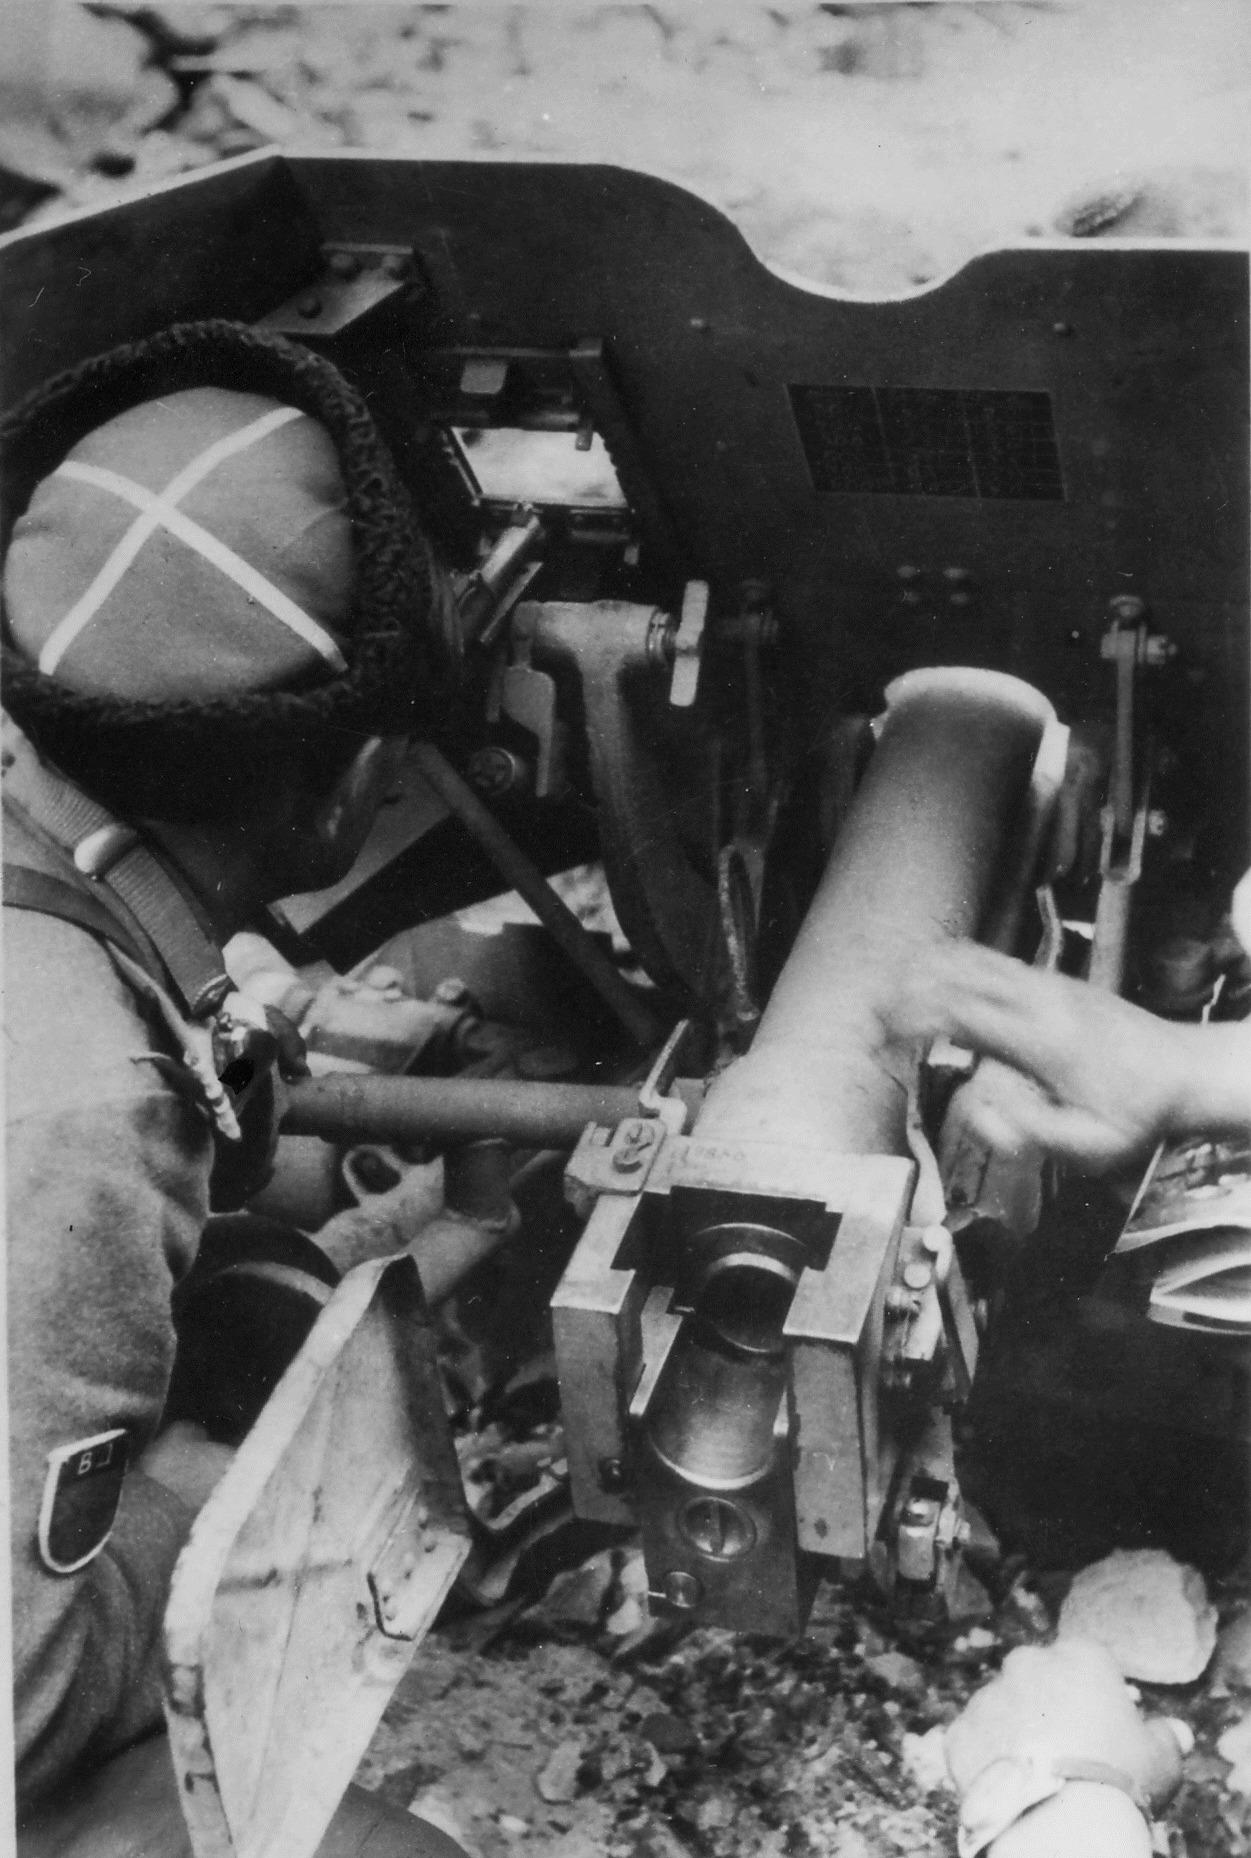 казенная часть 45-мм противотанковой пушки